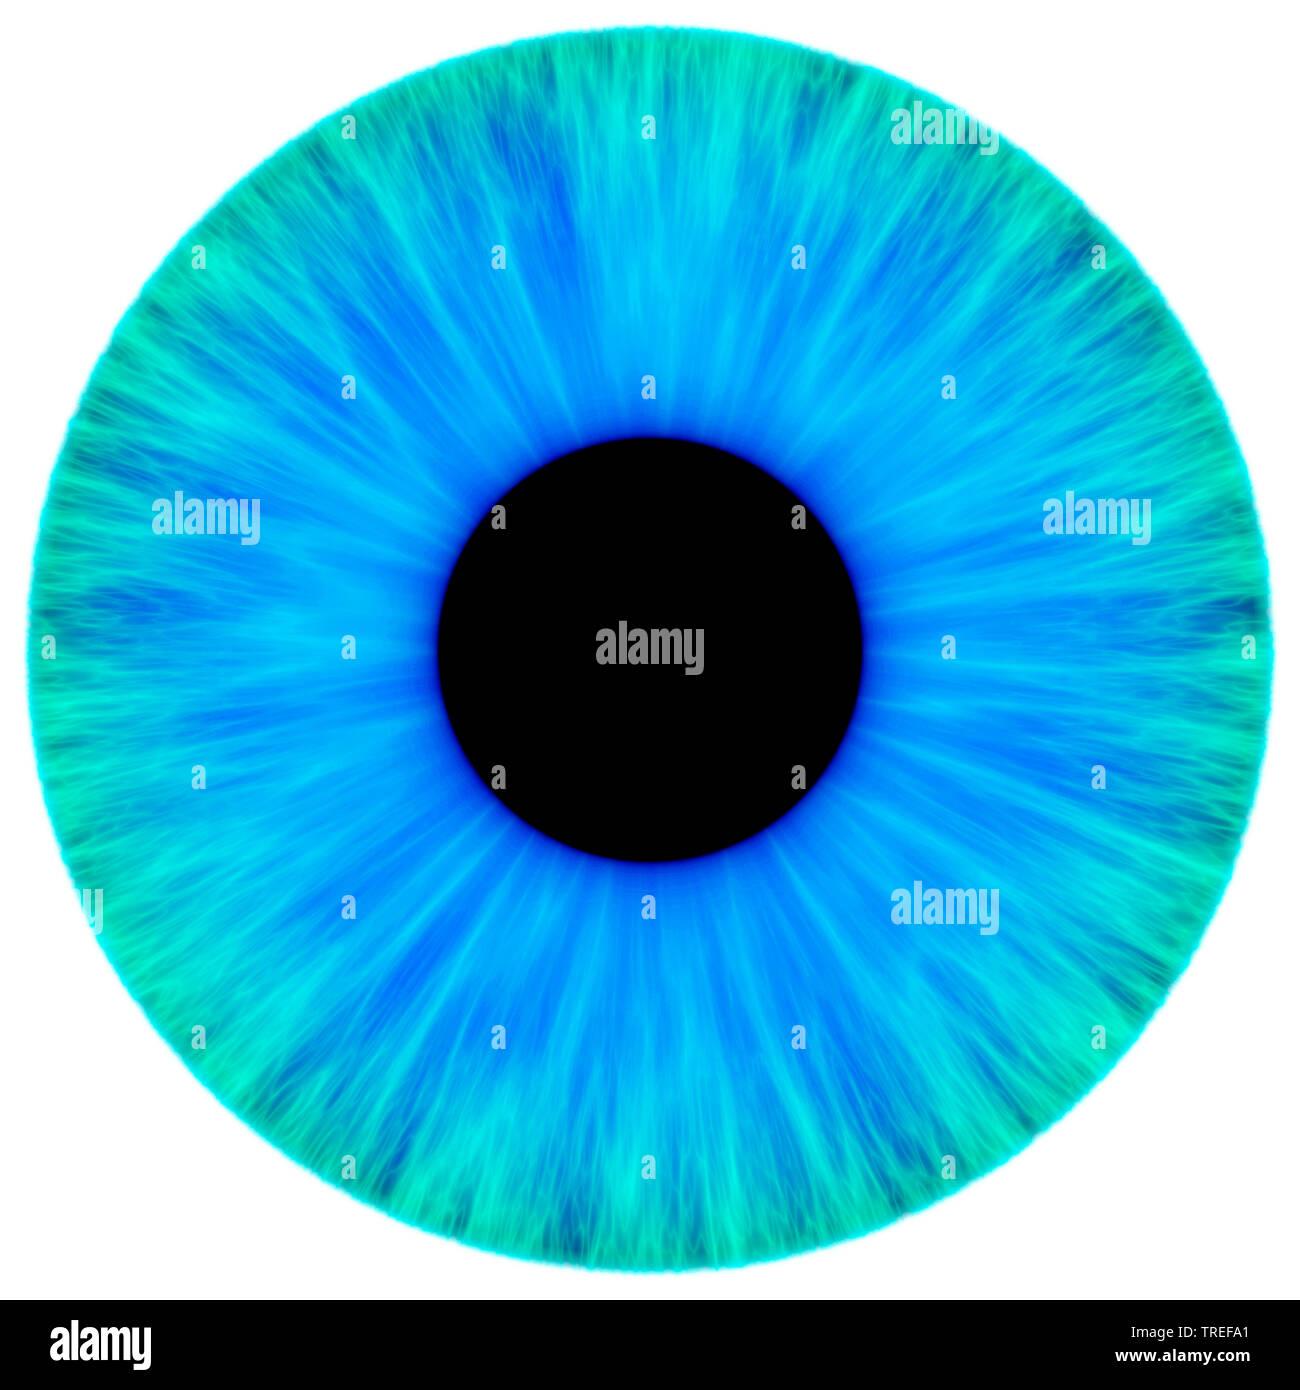 Computergrafik, blau-gruenen Iris vor weissem Hintergrund | Computer Graphics, bluegreen Iris gegen weiße Hintergrund | BLWS 525164.jpg [(c) blickwink Stockbild